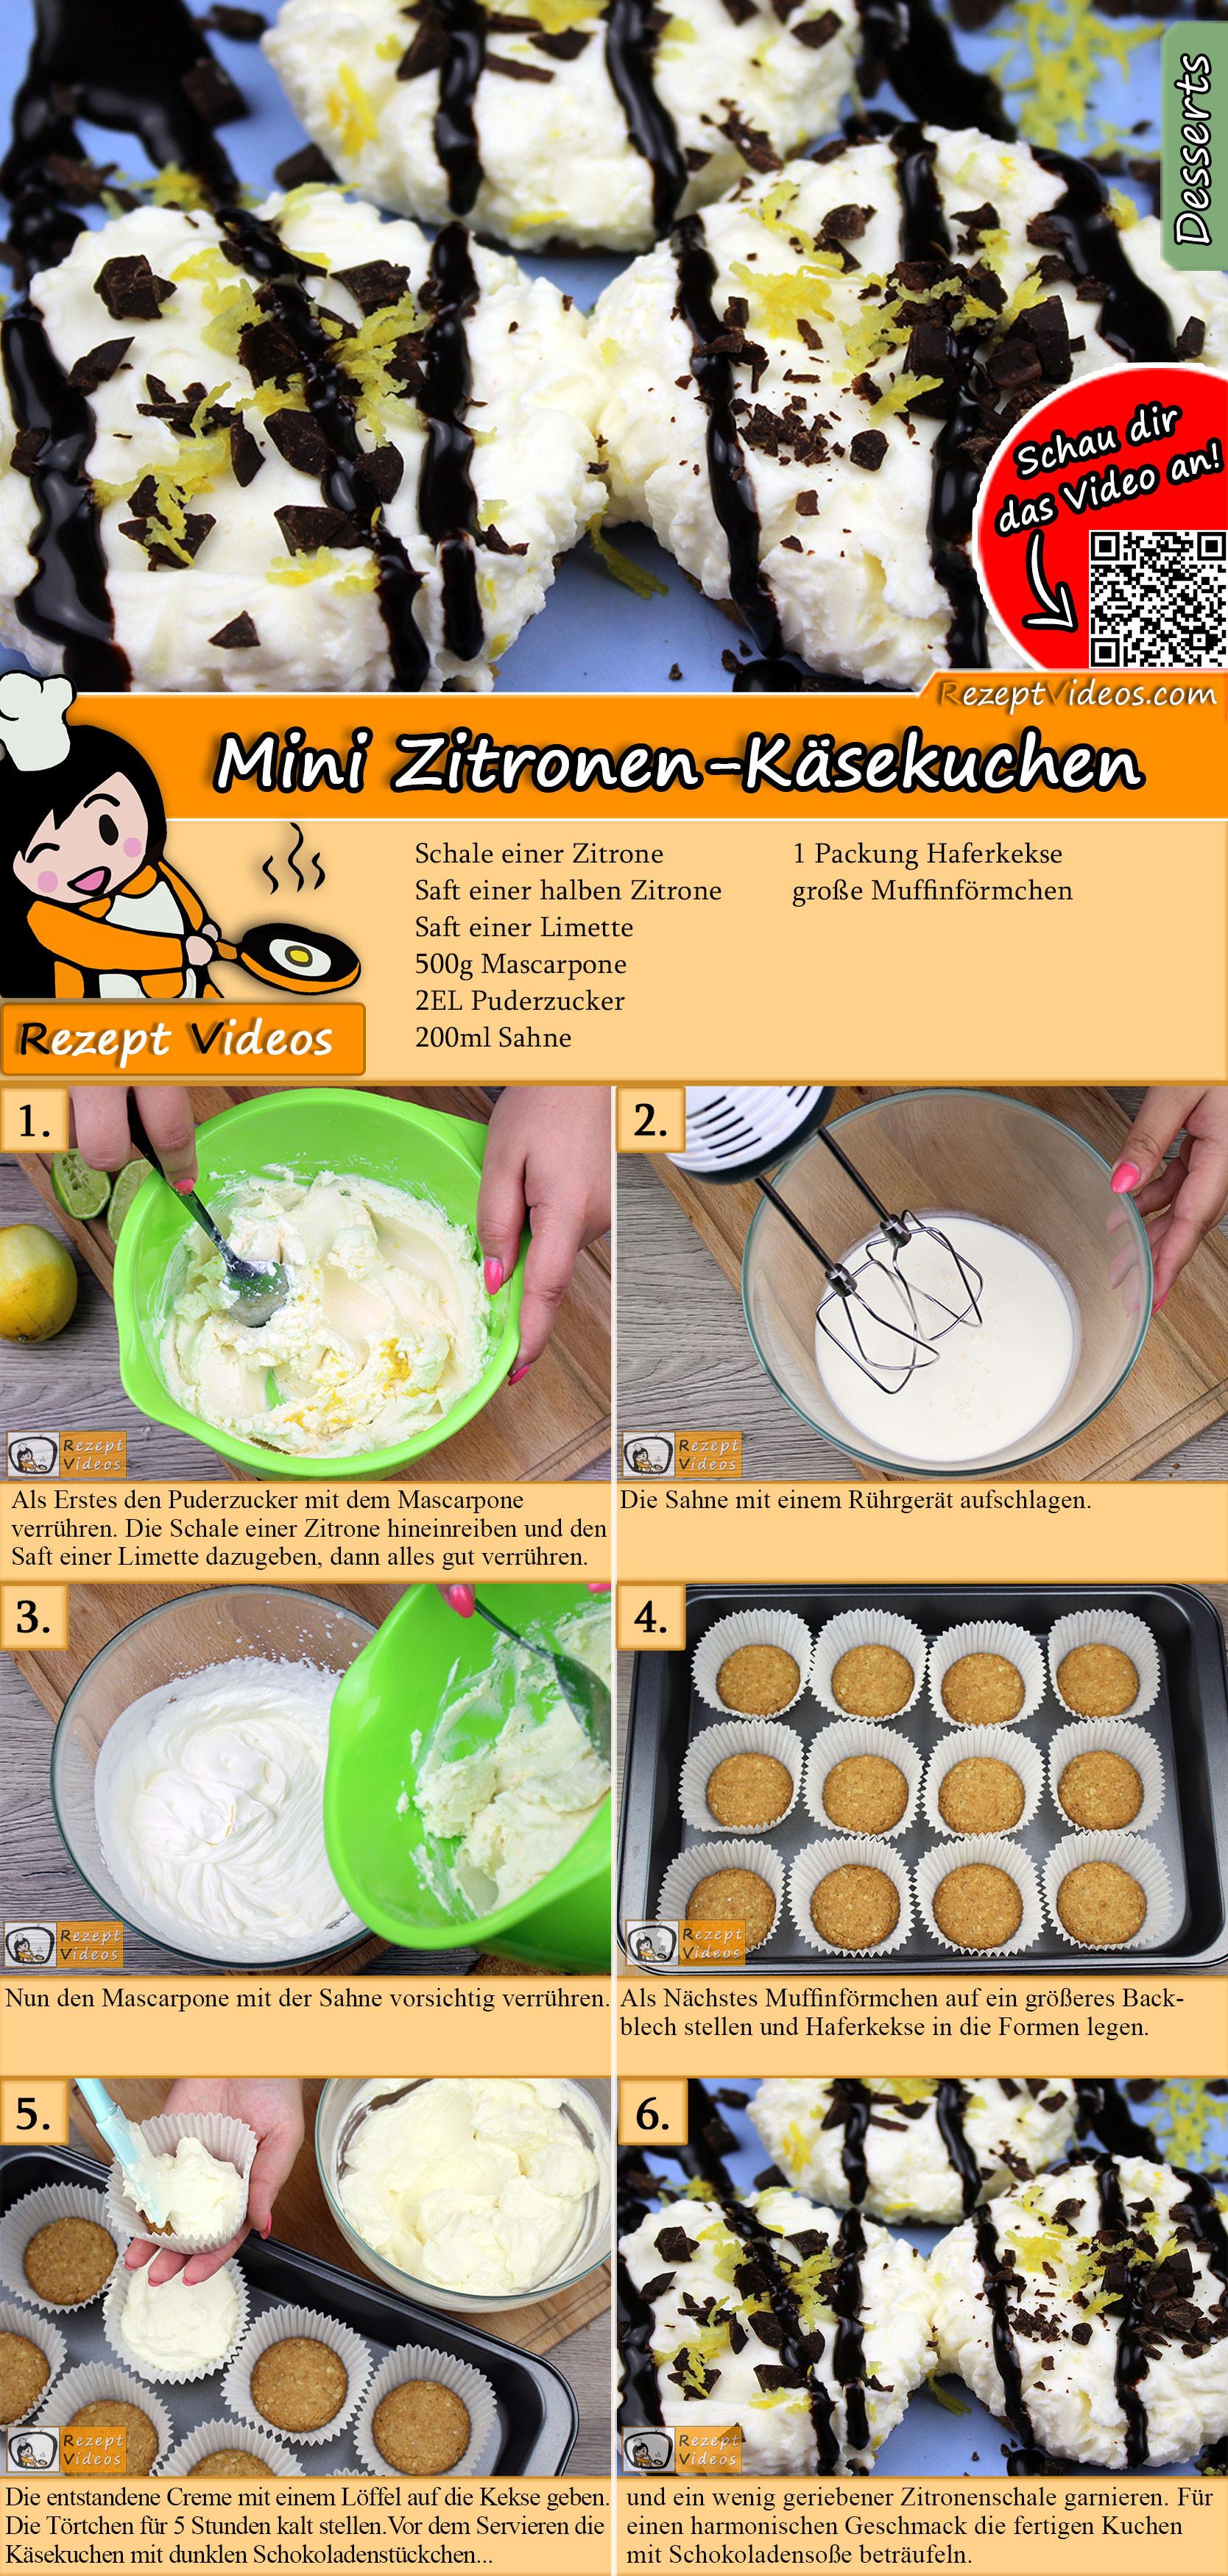 Mini Zitronen-Käsekuchen Rezept mit Video